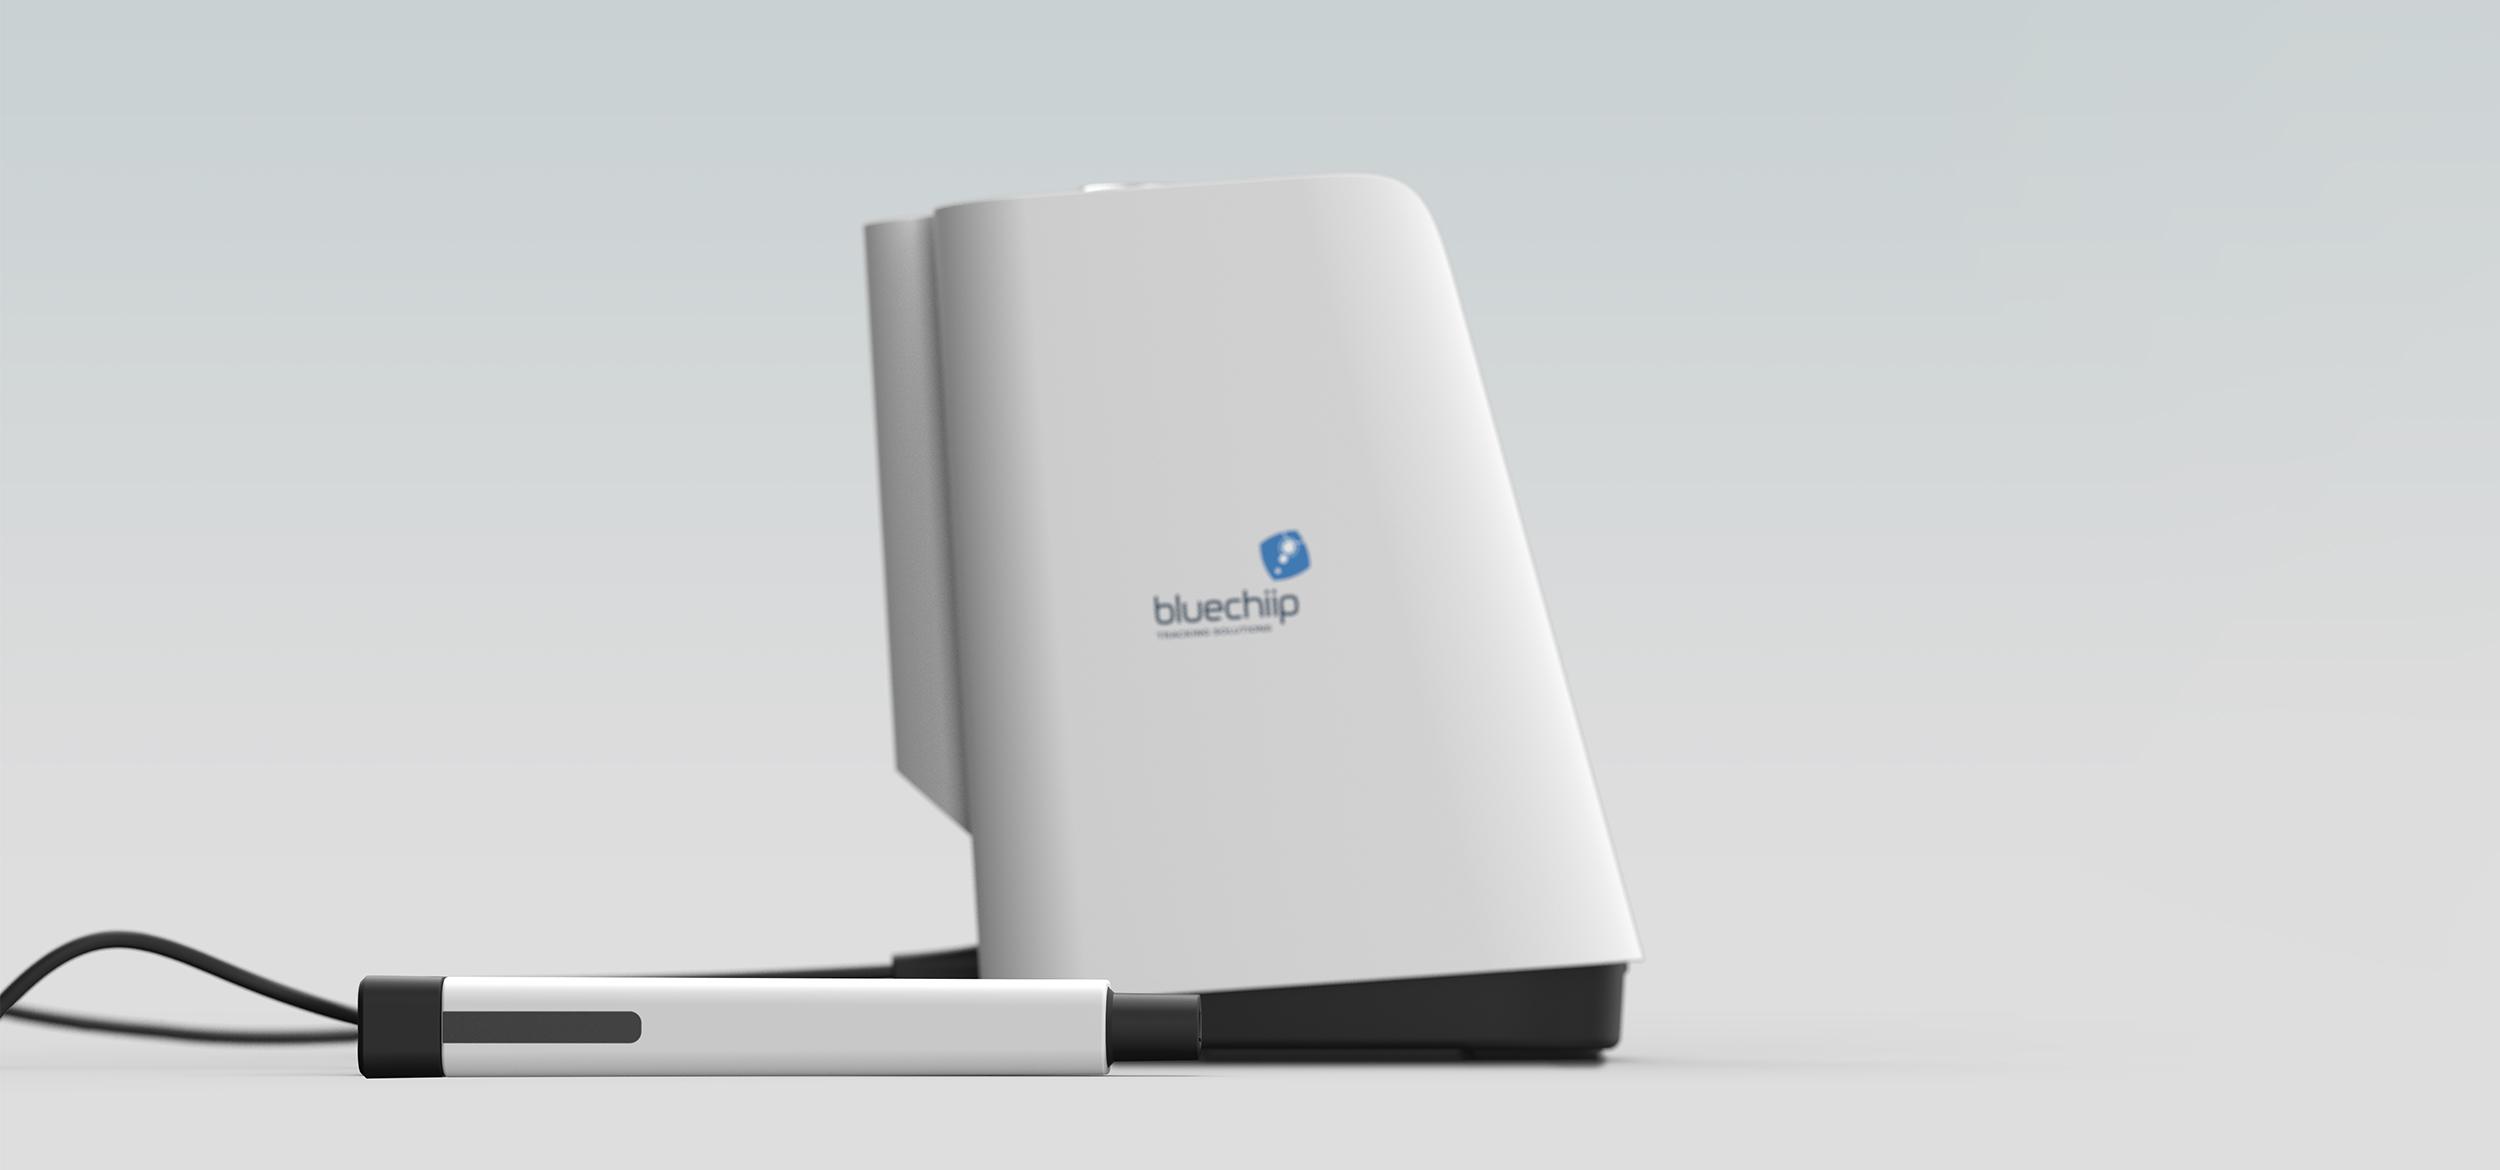 Bluechiip Matchbox Reader & Retriever